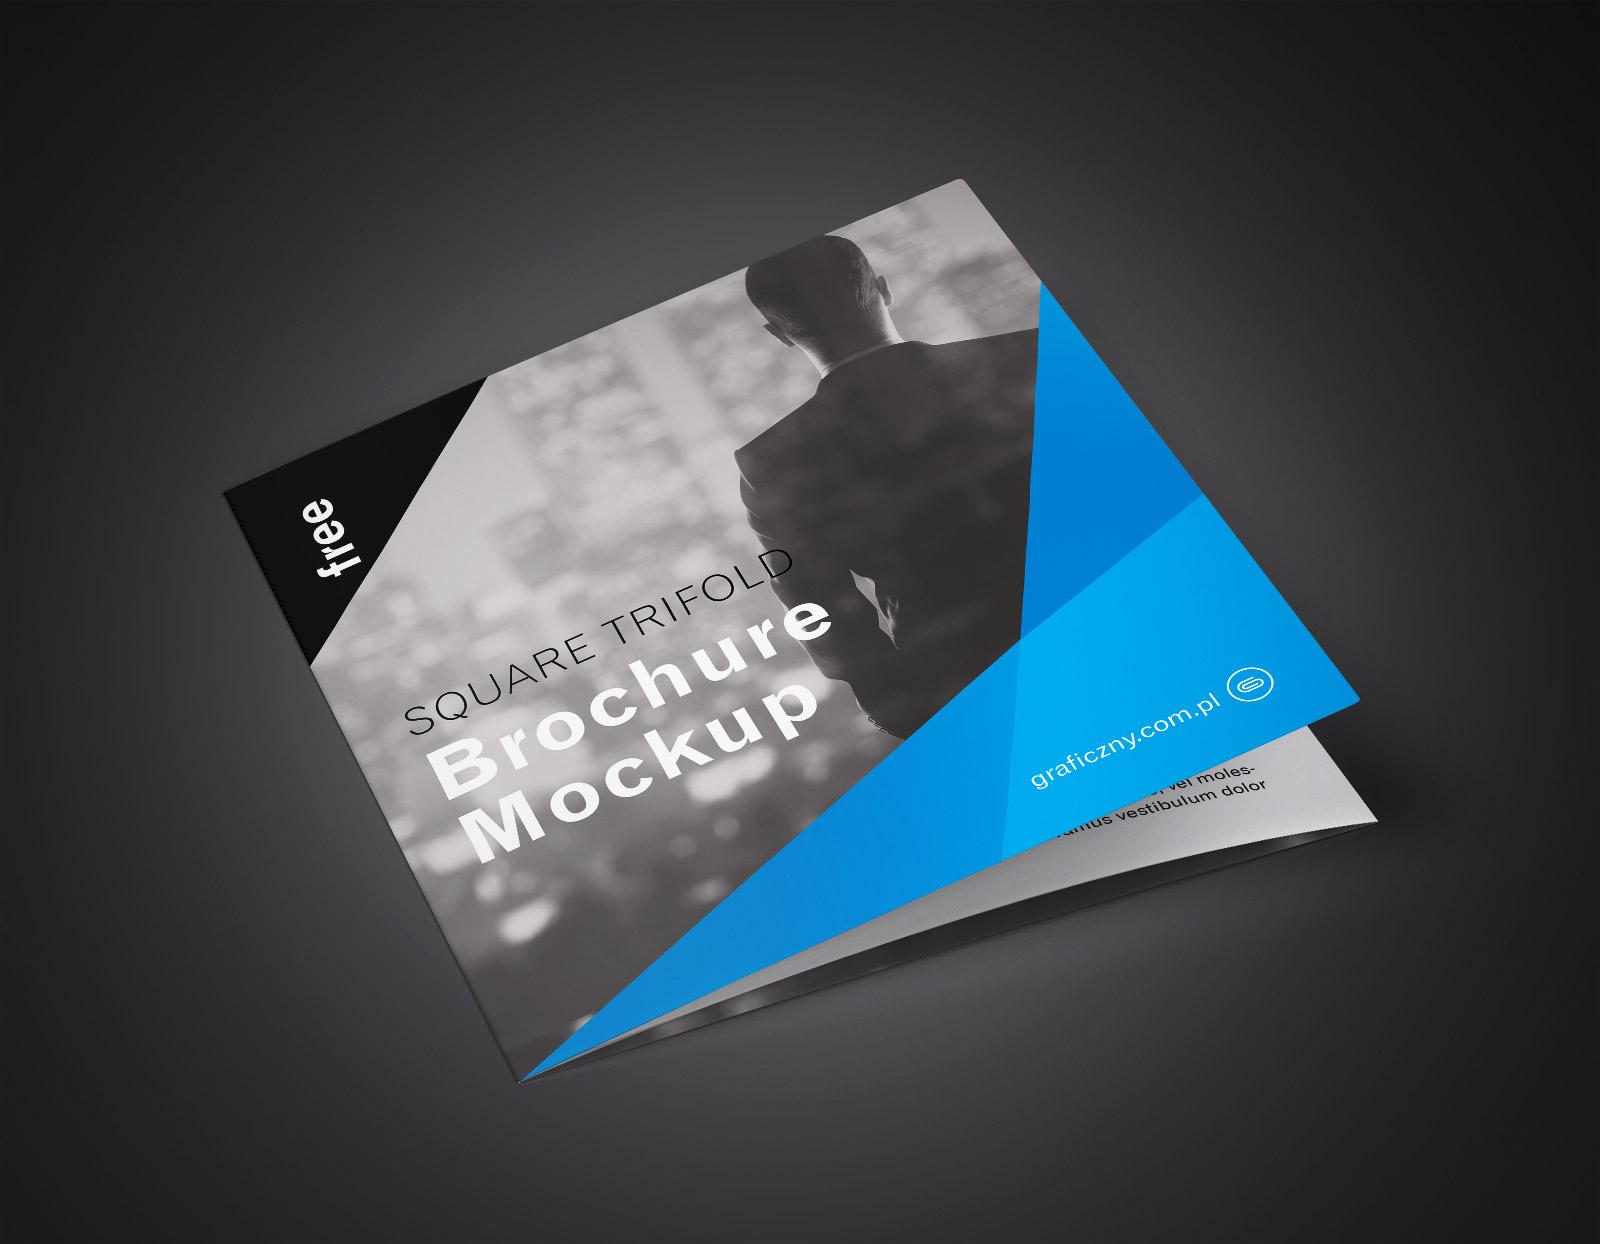 Free Tri-Fold (3 Fold) Square Brochure Mockup PSD Set (1)